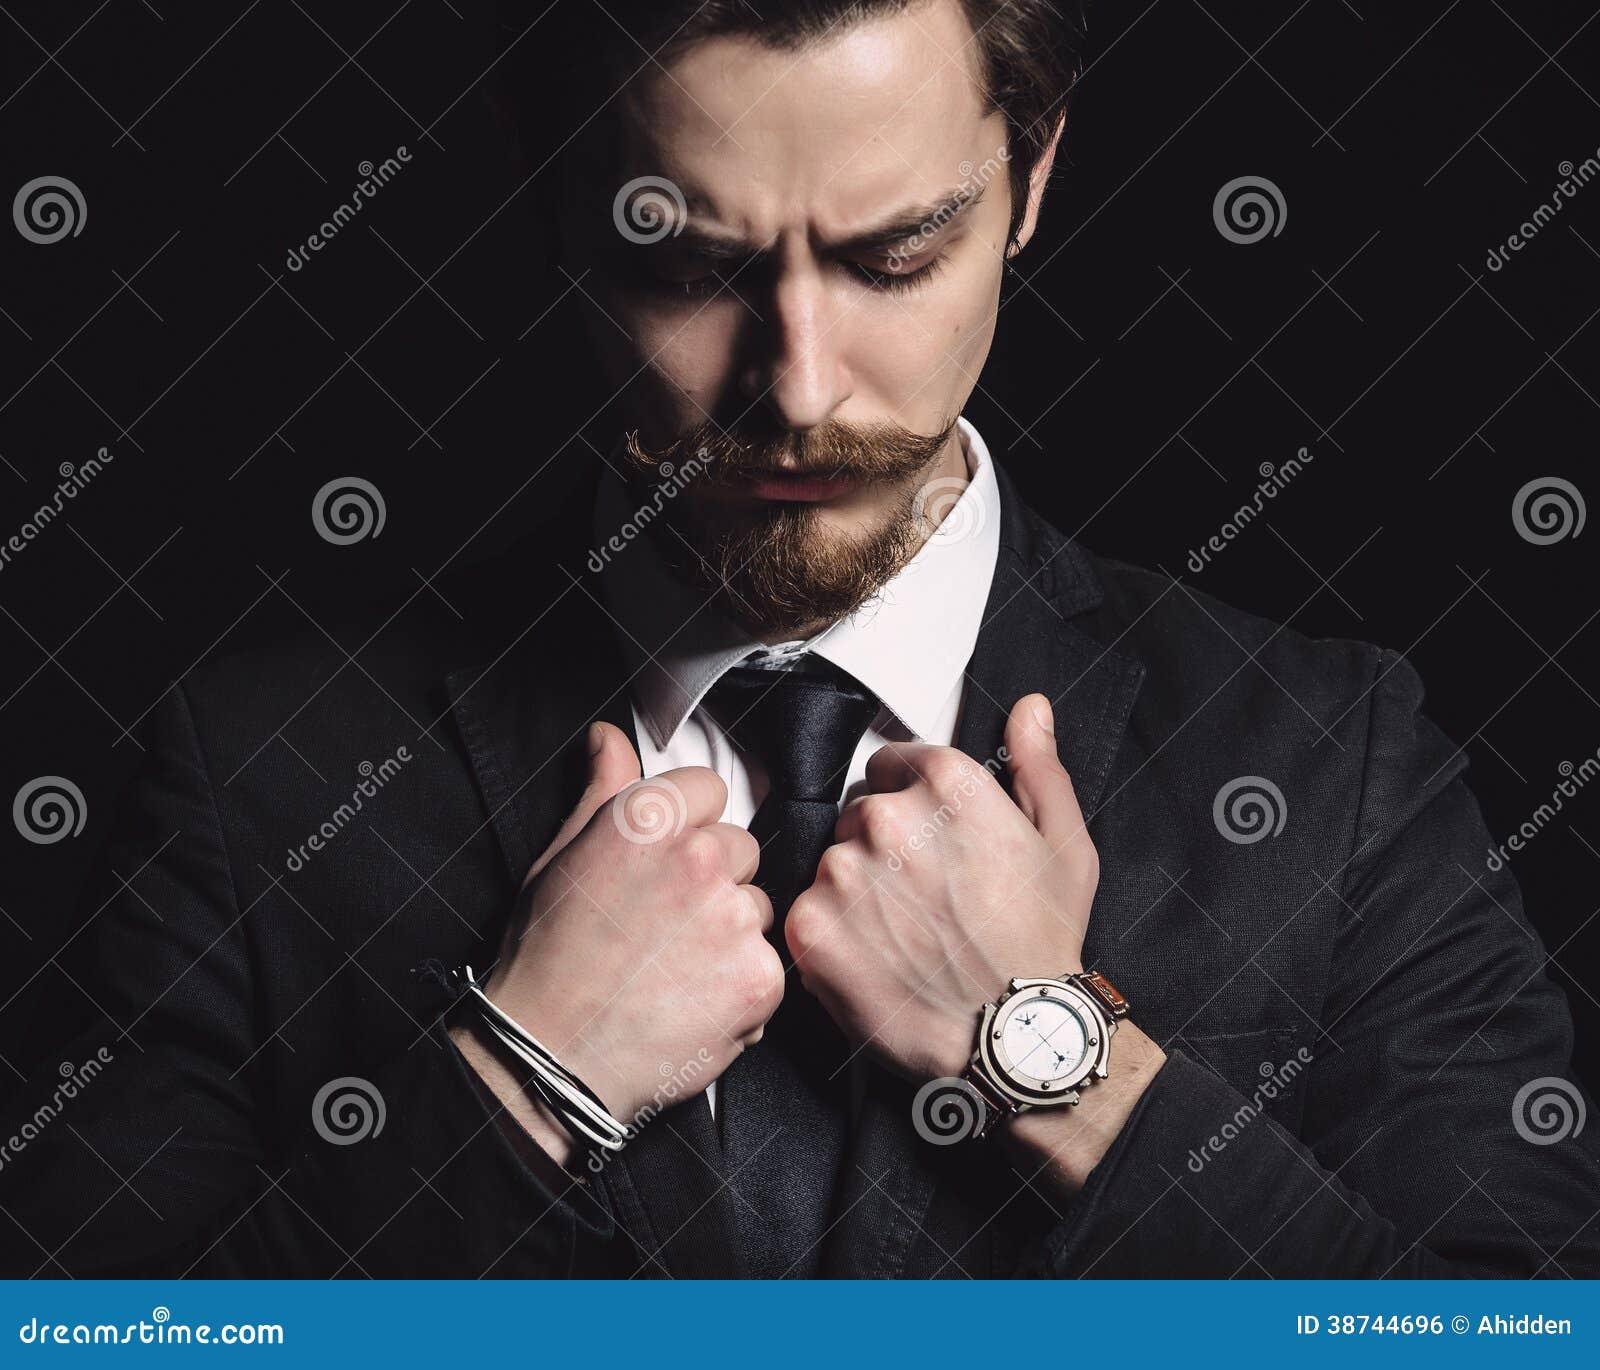 Bild eines eleganten jungen Mannes